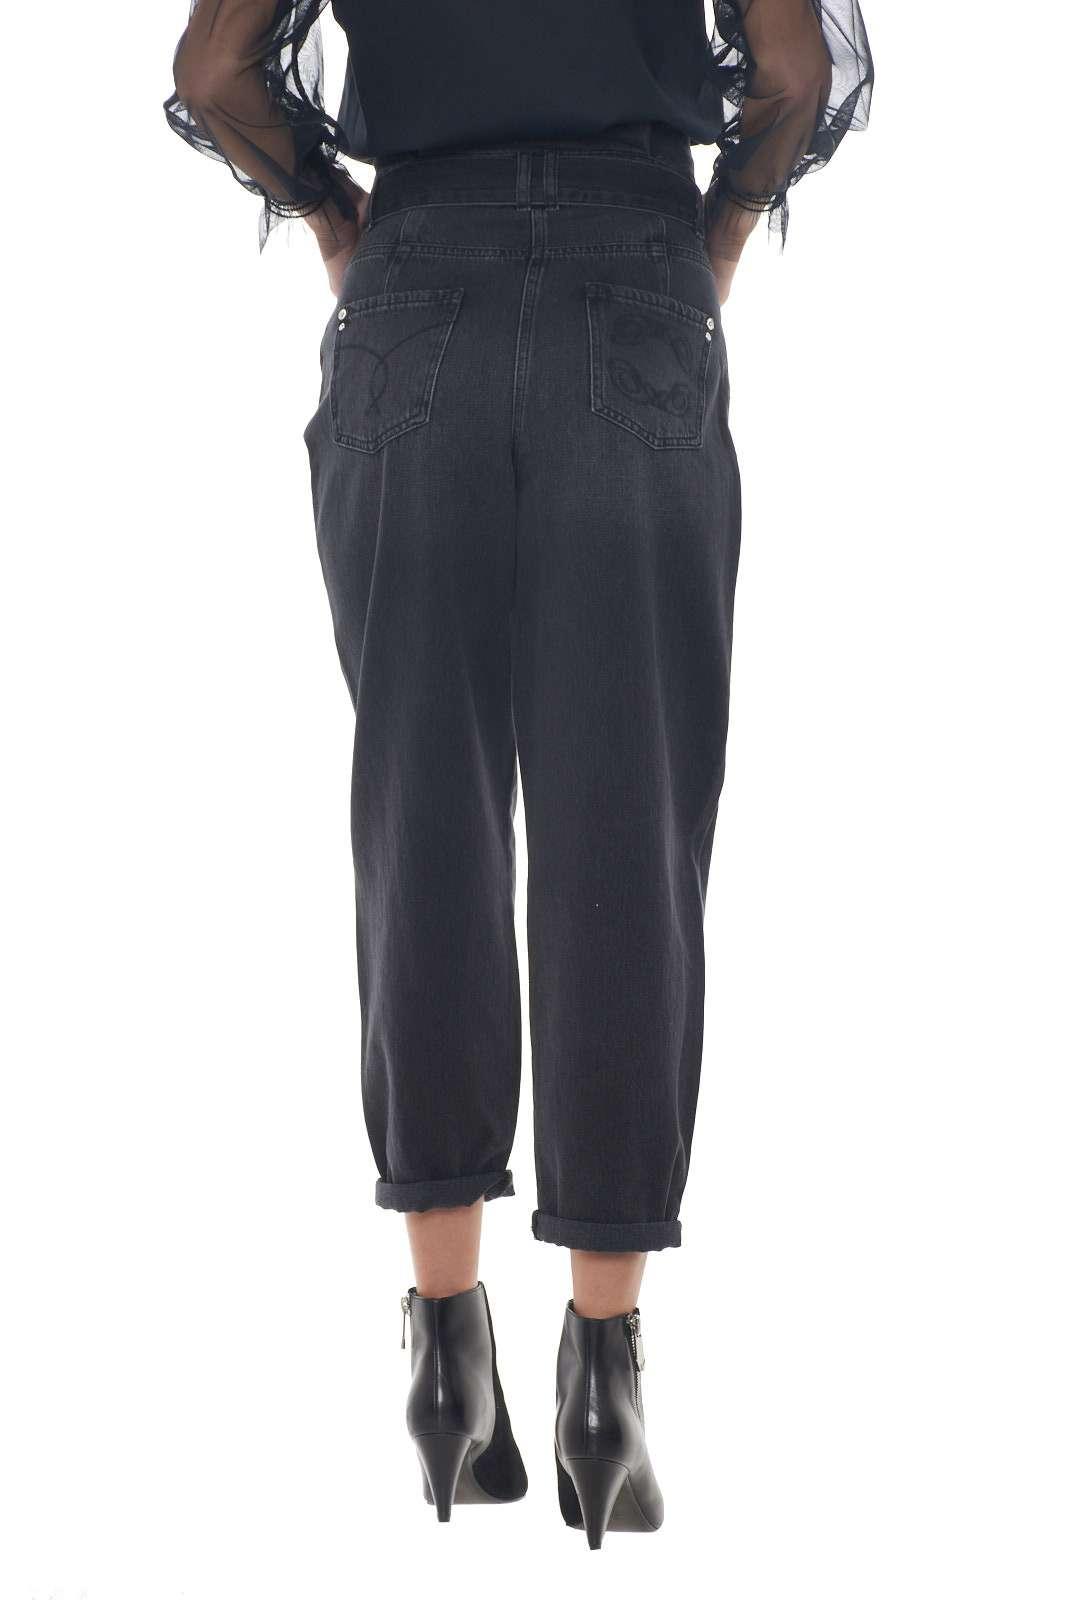 https://www.parmax.com/media/catalog/product/a/i/AI-outlet_parmax-pantaloni-donna-Patrizia-Pepe-j0877-C.jpg